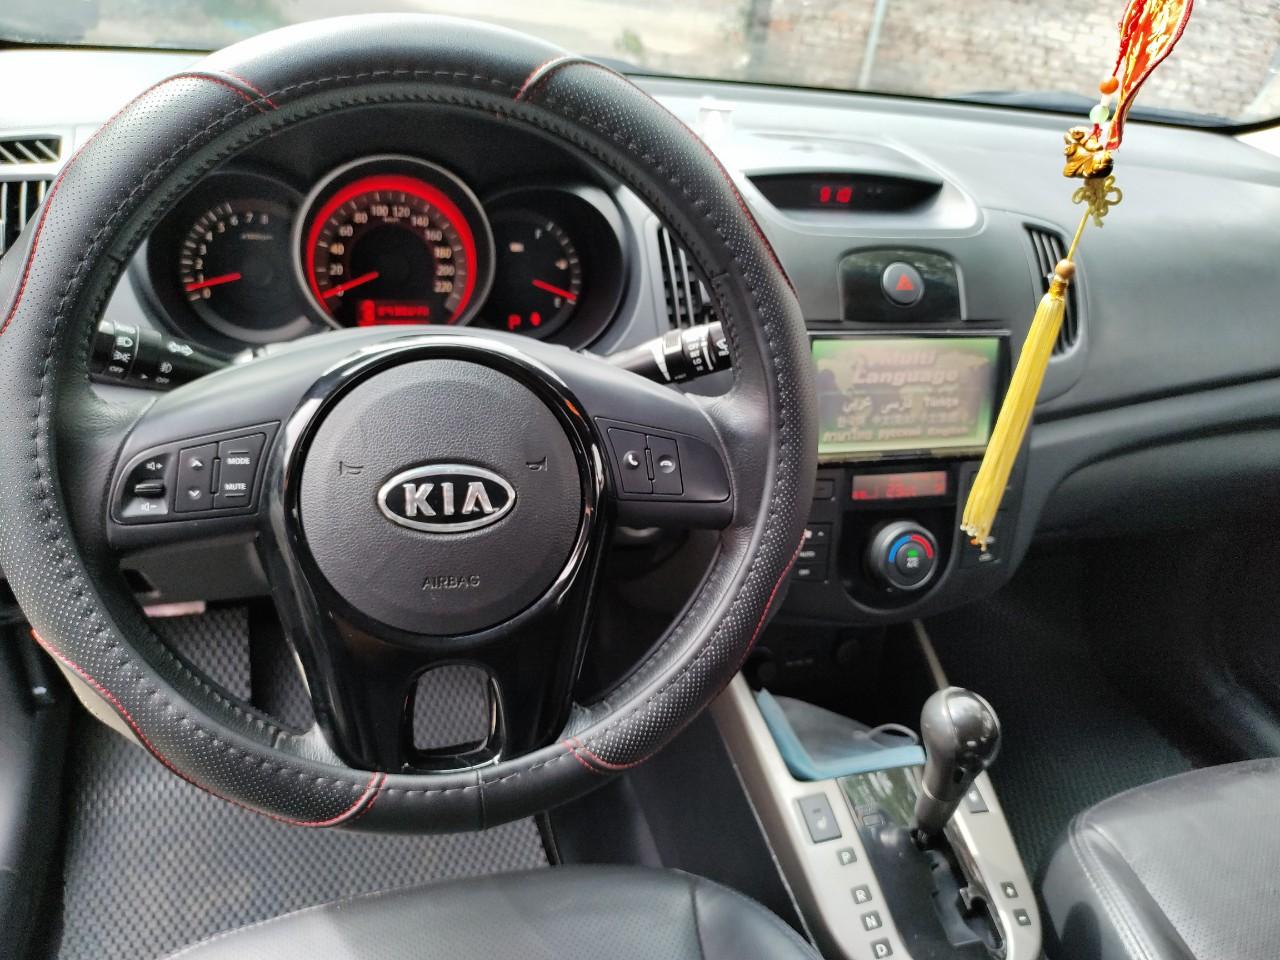 Nhập khẩu - Kia Forte 2009 - màu đen- 1 chủ đi giữ gìn